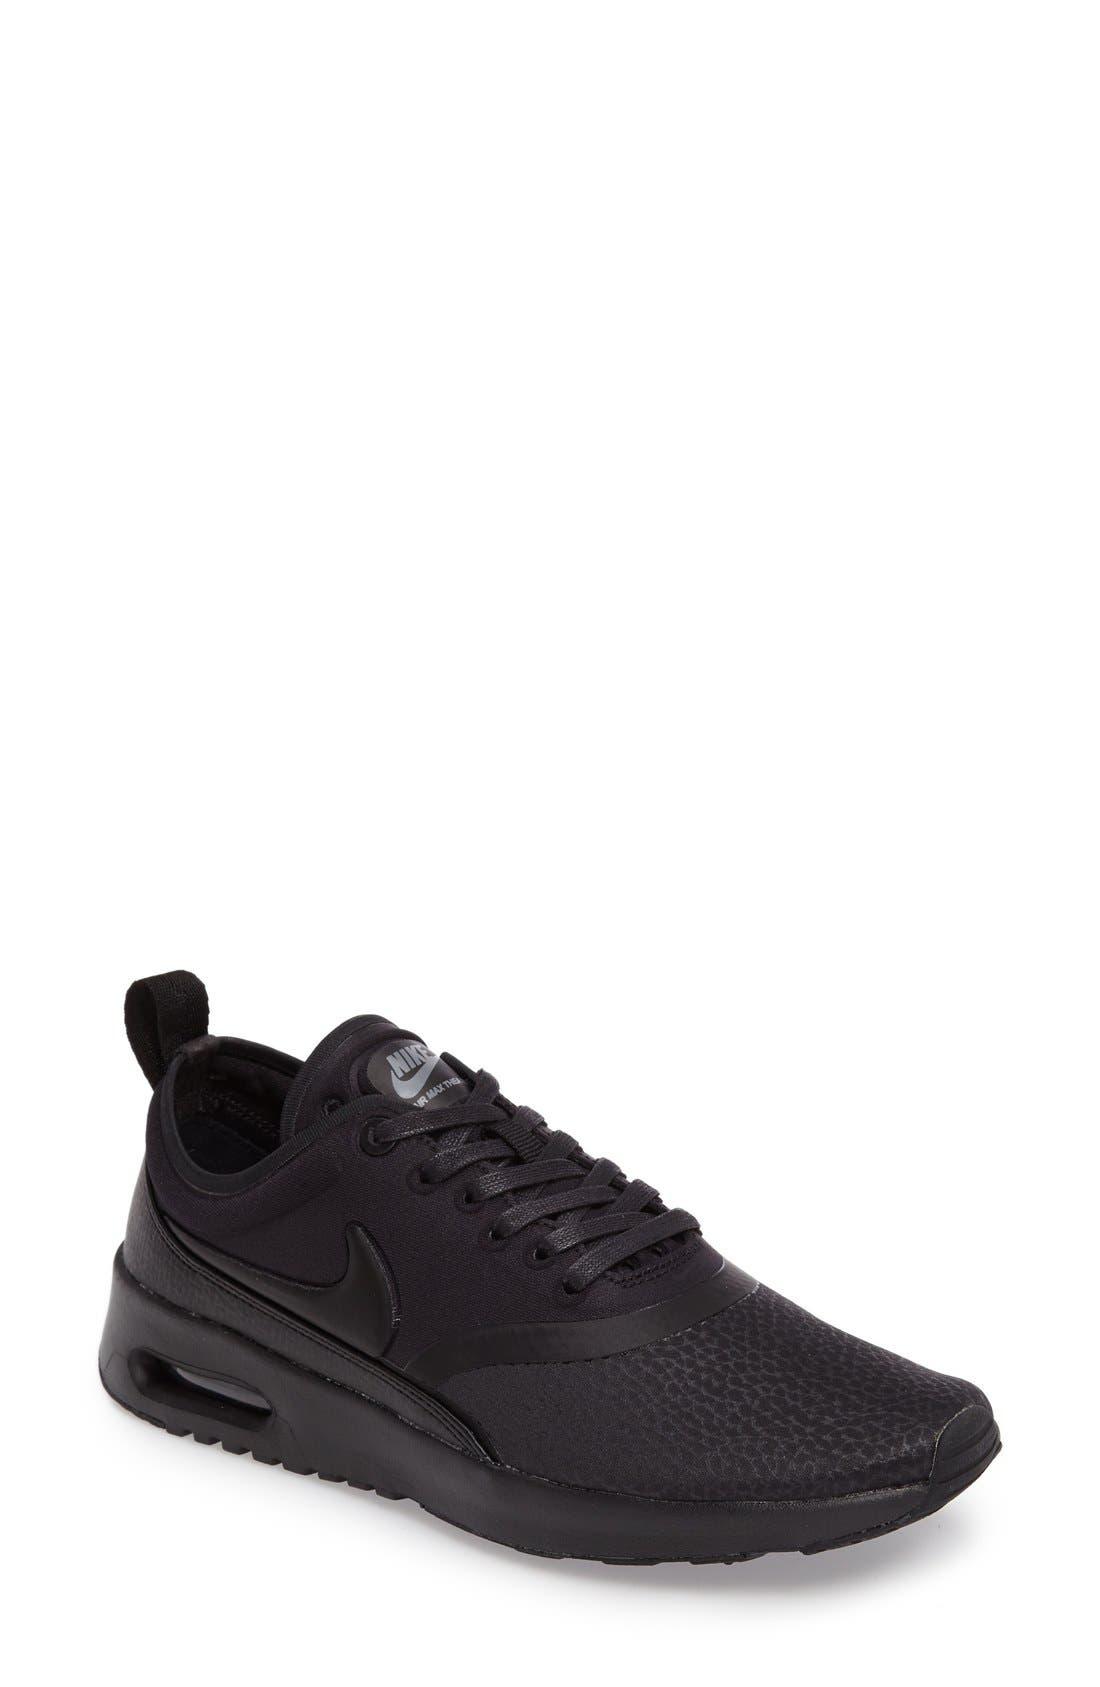 Main Image - Nike Air Max Thea Ultra Premium Sneaker (Women)